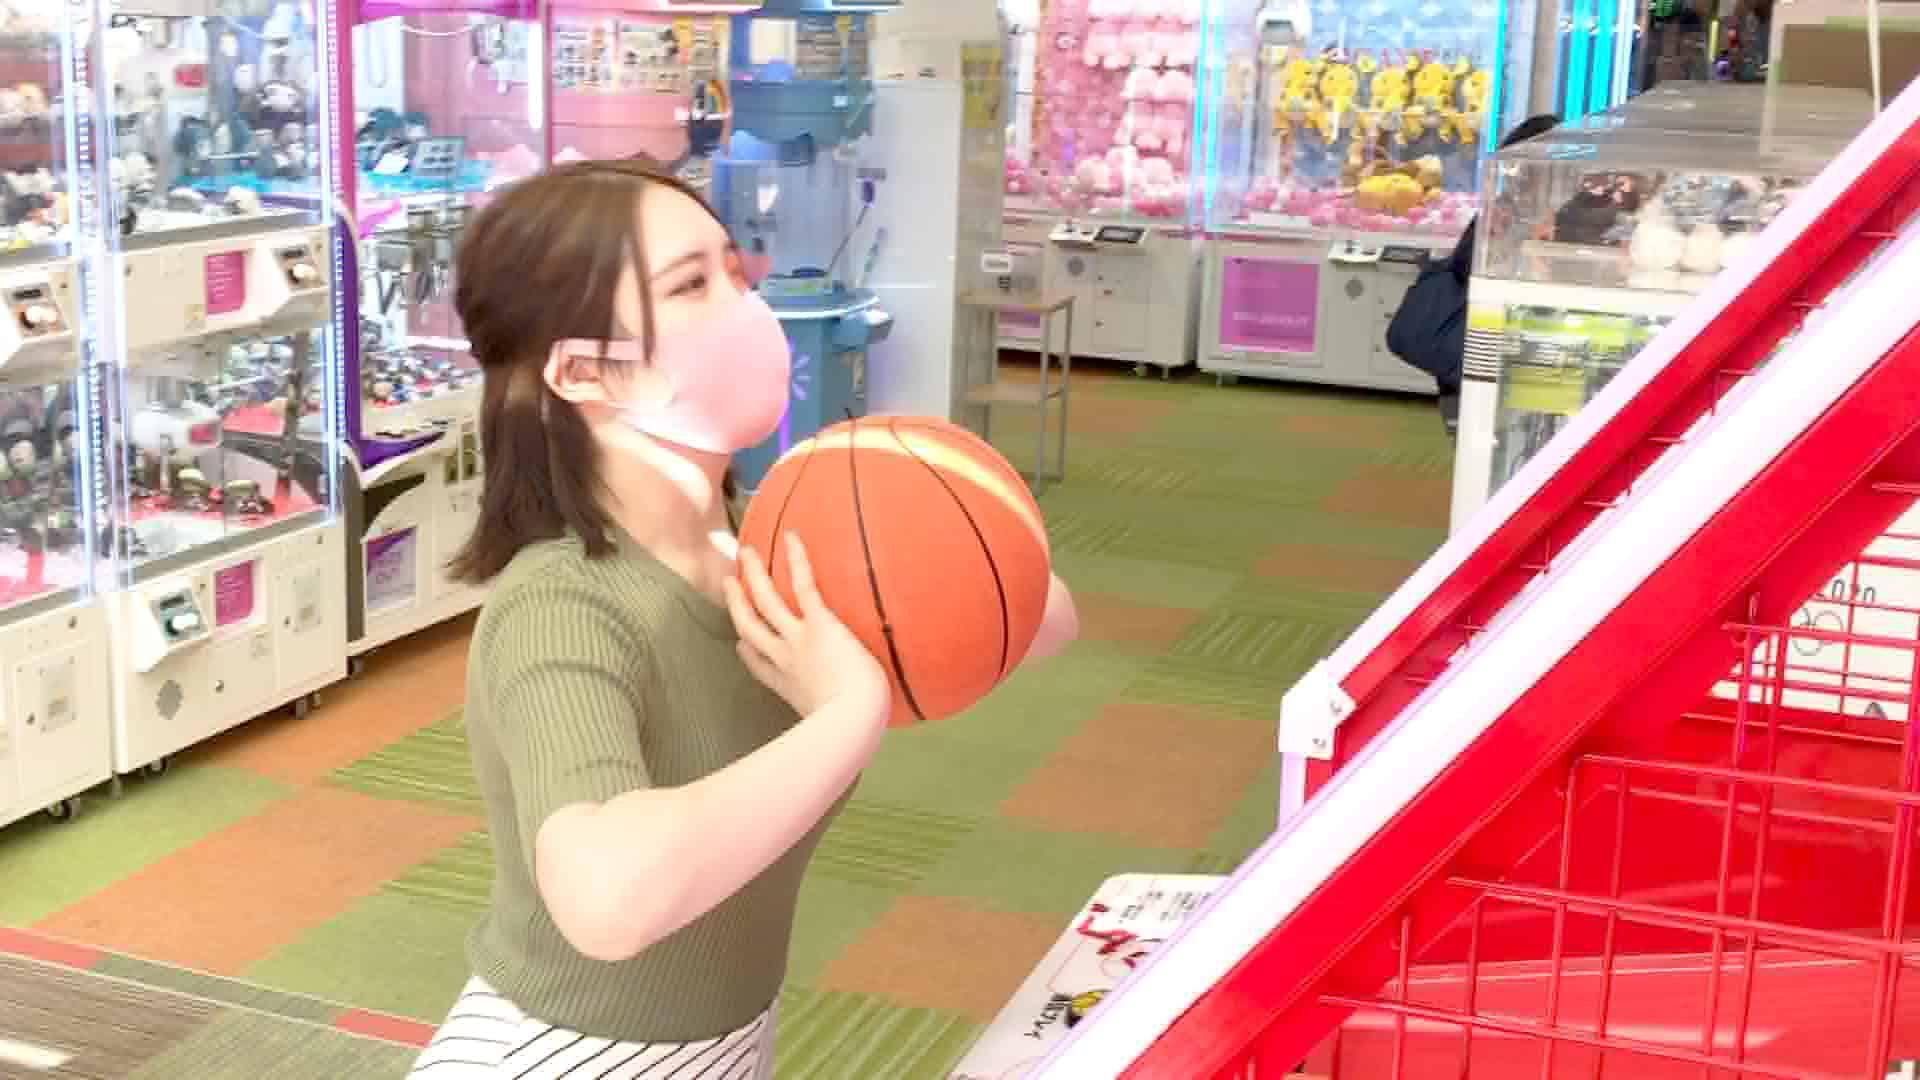 【ゲーセン盗◯】豊満巨乳美少女!!!食い込みぷるぷるパンチラ♪